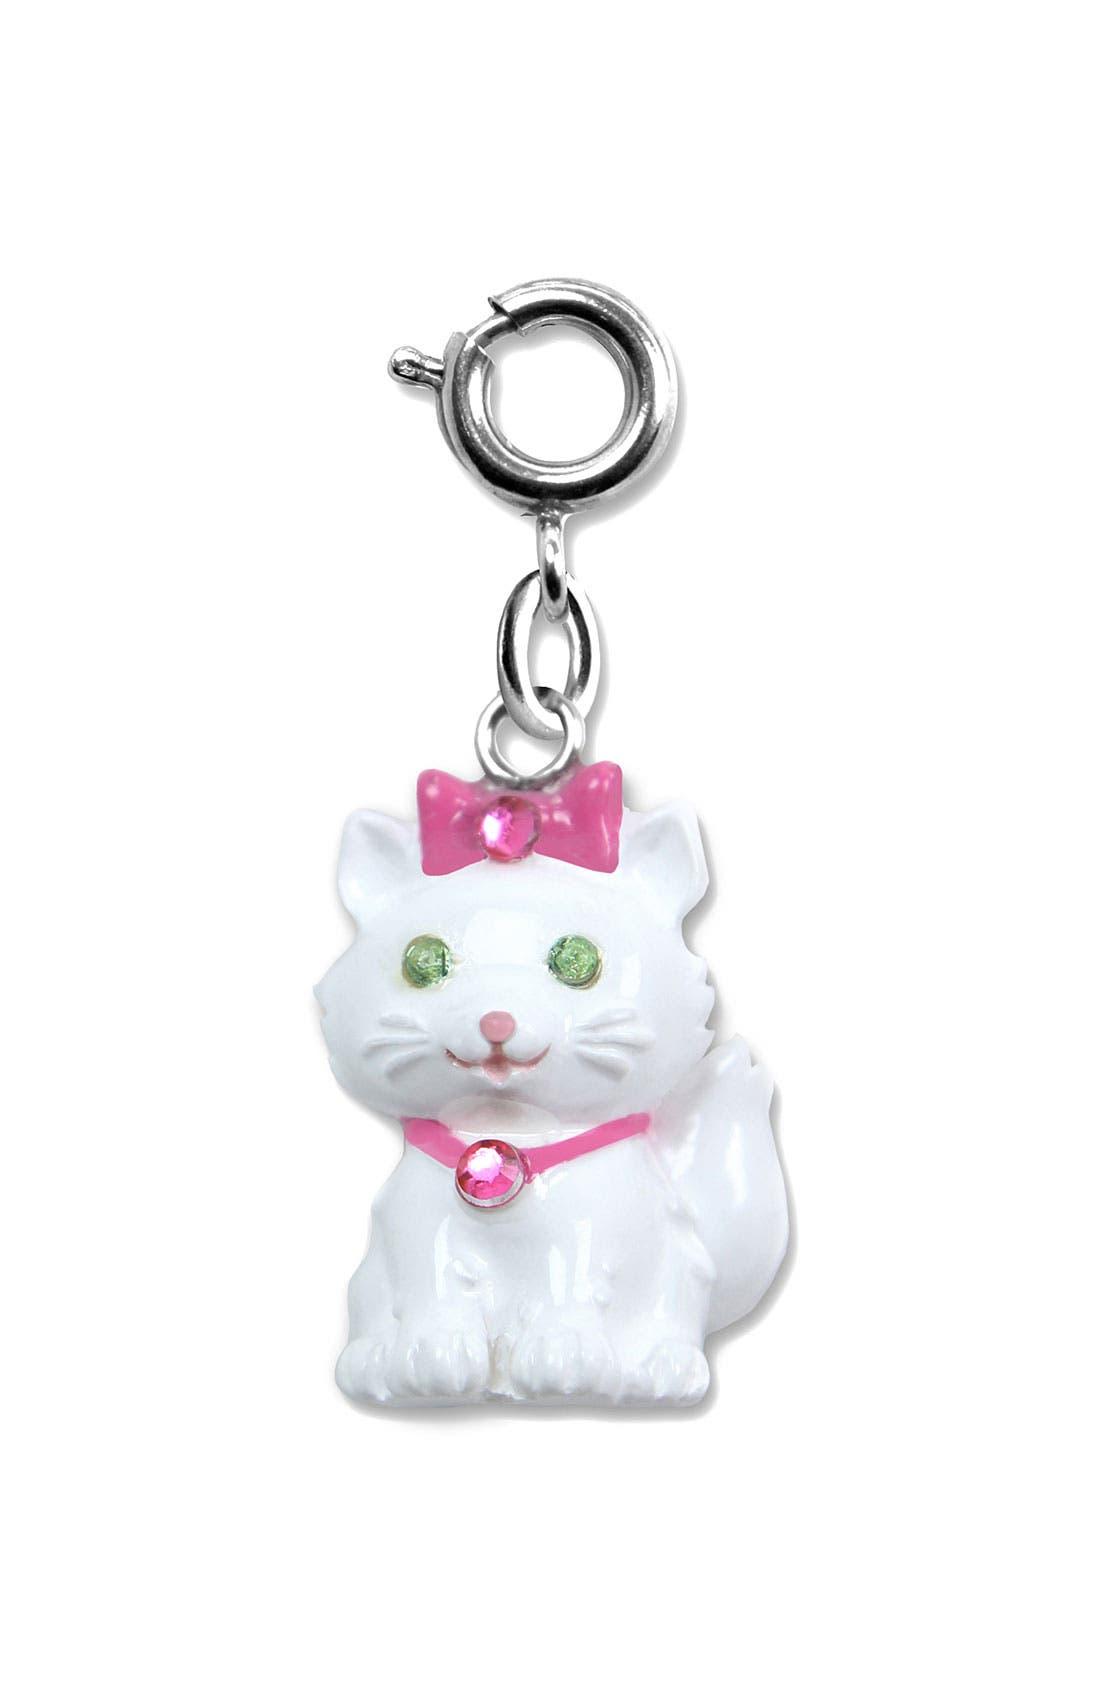 Alternate Image 1 Selected - CHARM IT!® 'Kitten' Charm (Girls)